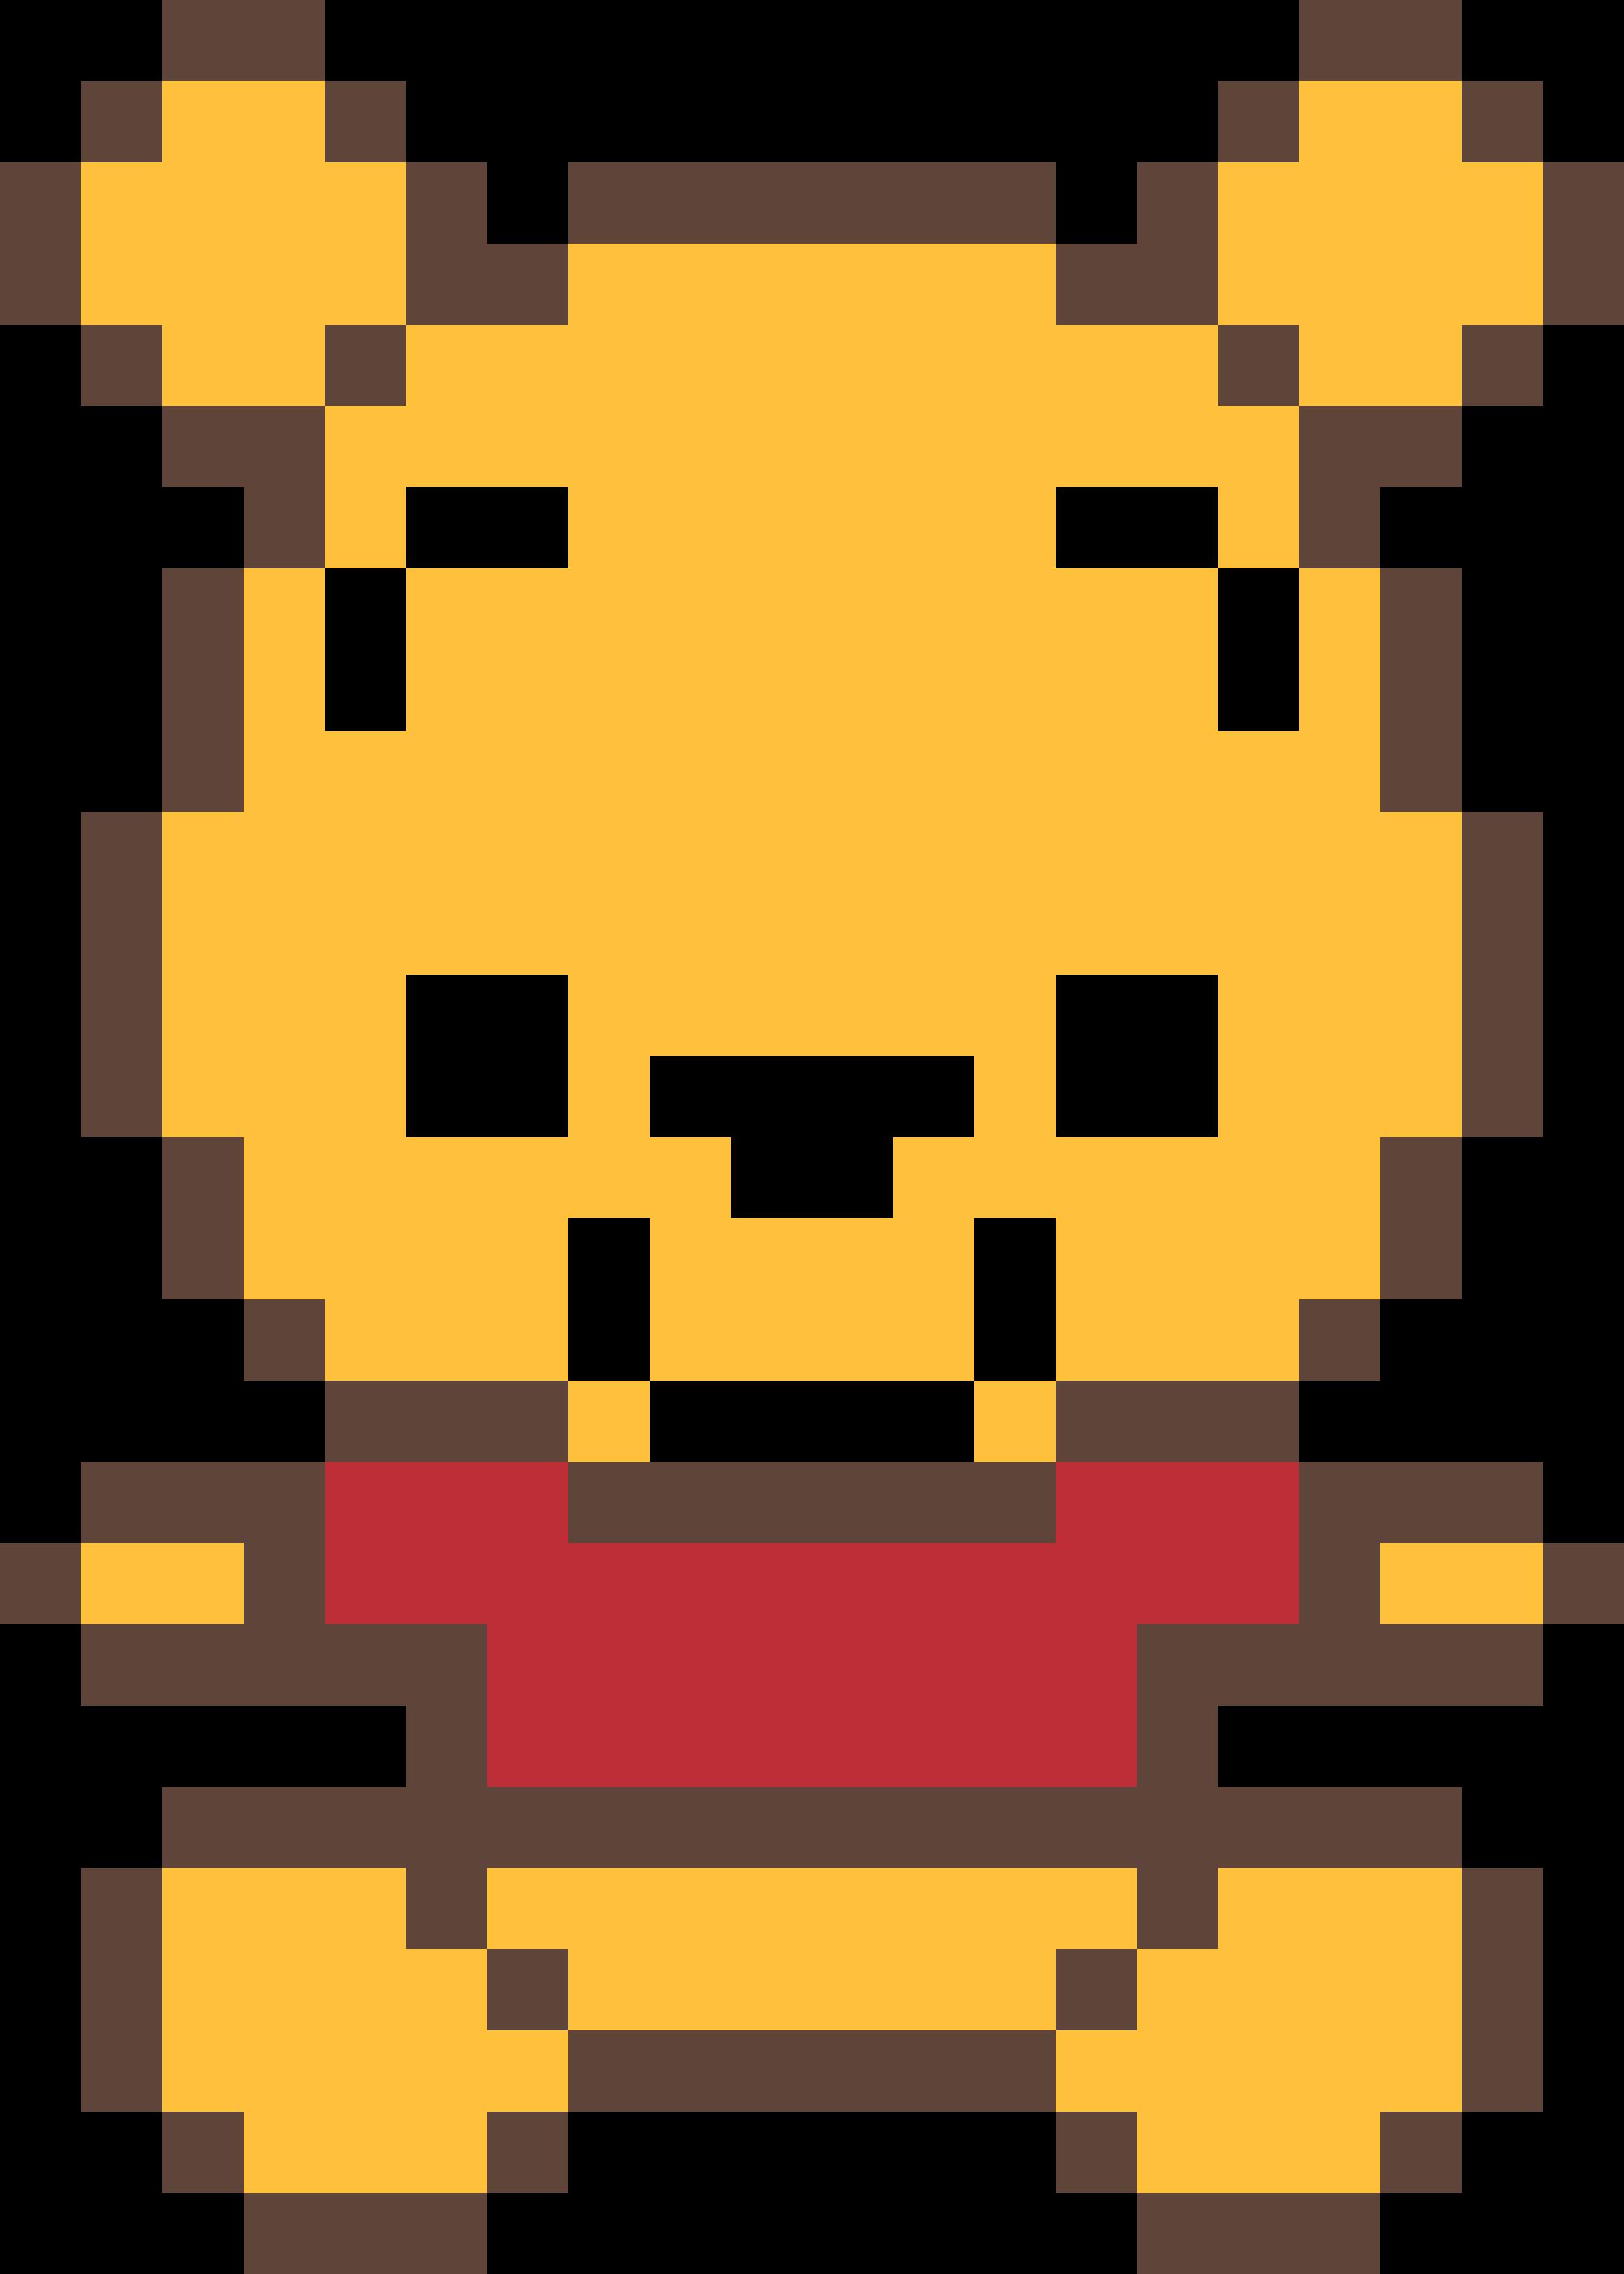 Winnie The Pooh Bear Minecraft Pixel Art Clipart Full